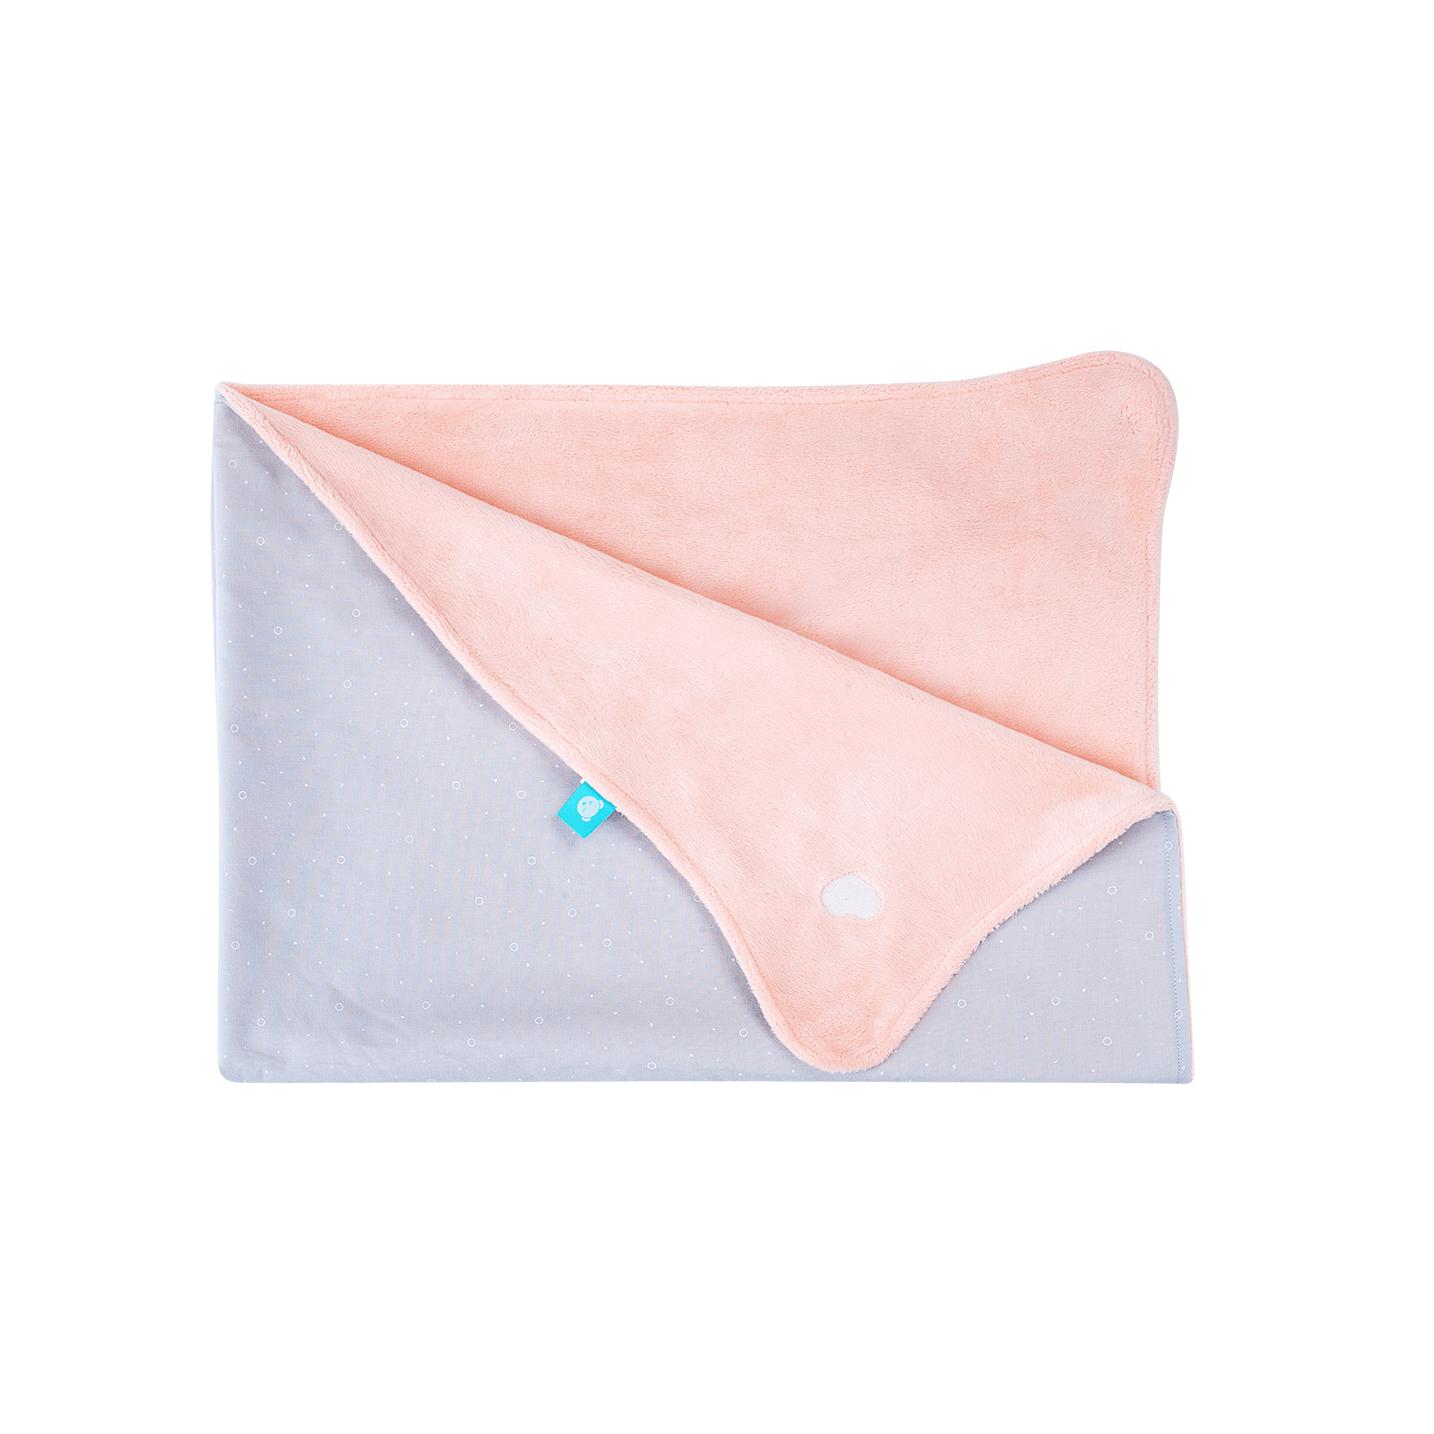 myHummy De Sleeephearts' Favoriete Deken - roze/grijs